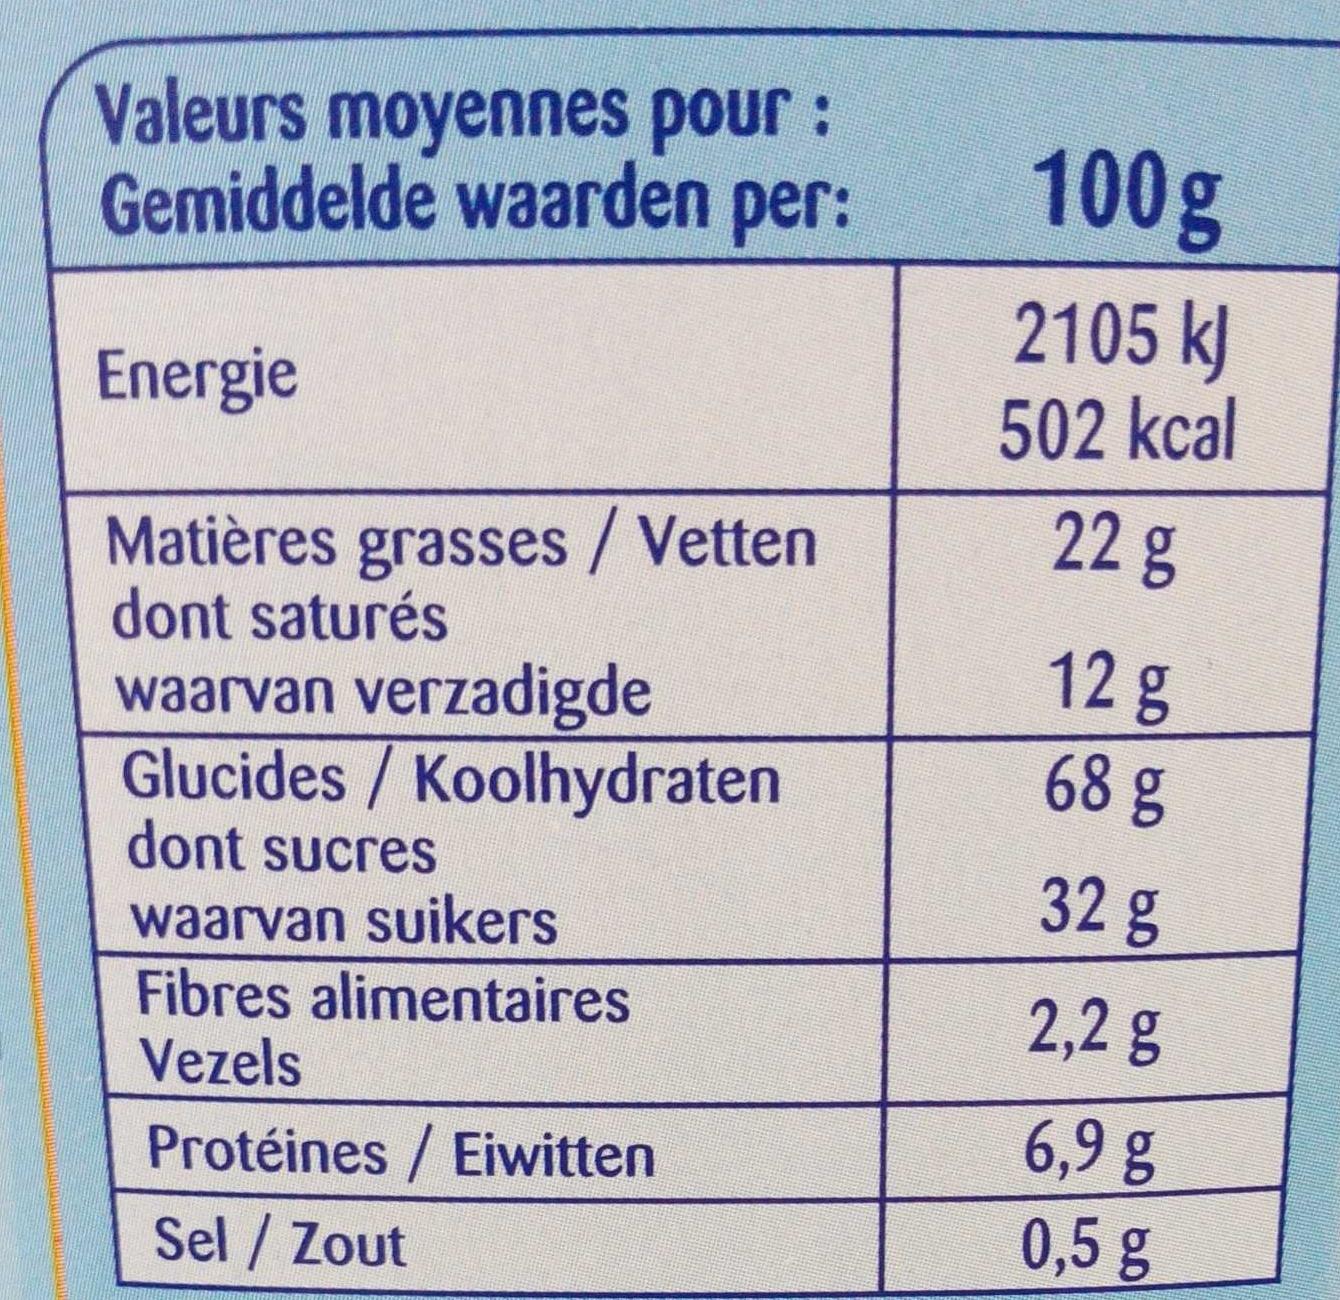 Mini biscuits - Información nutricional